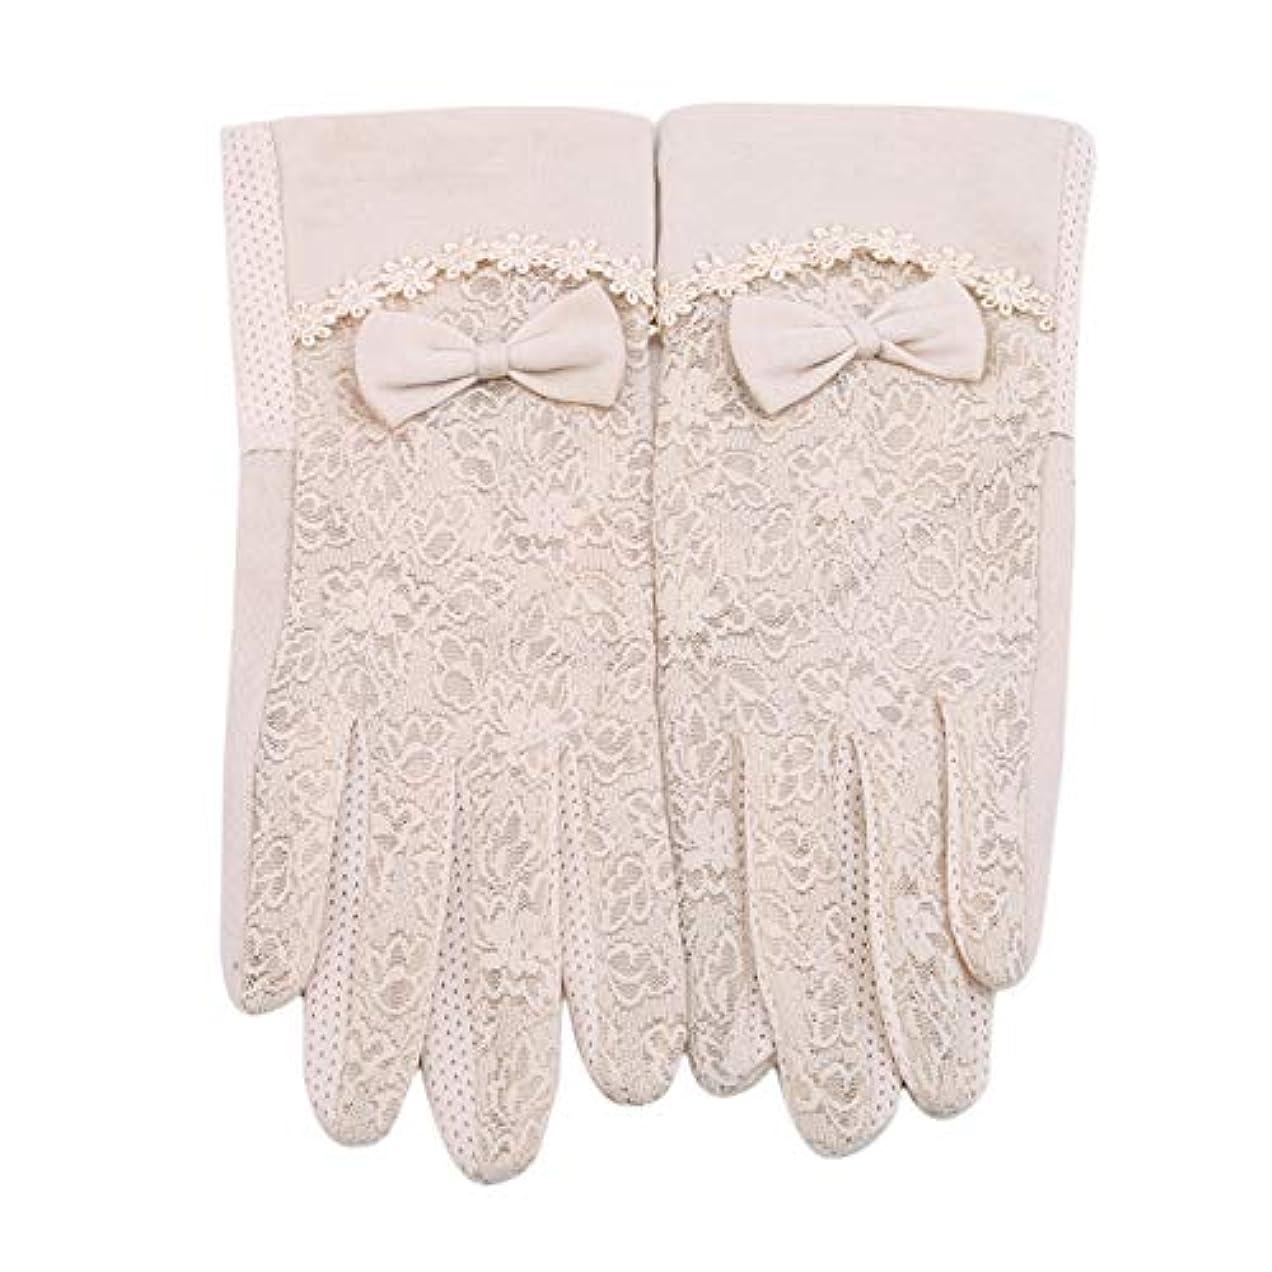 傾向があります業界ソブリケットMODMHB 手袋 UVカット 手触りが良い 紫外線カット 日焼け防止 ハンド ケア 手荒い対策 保湿 保護 抗菌 防臭